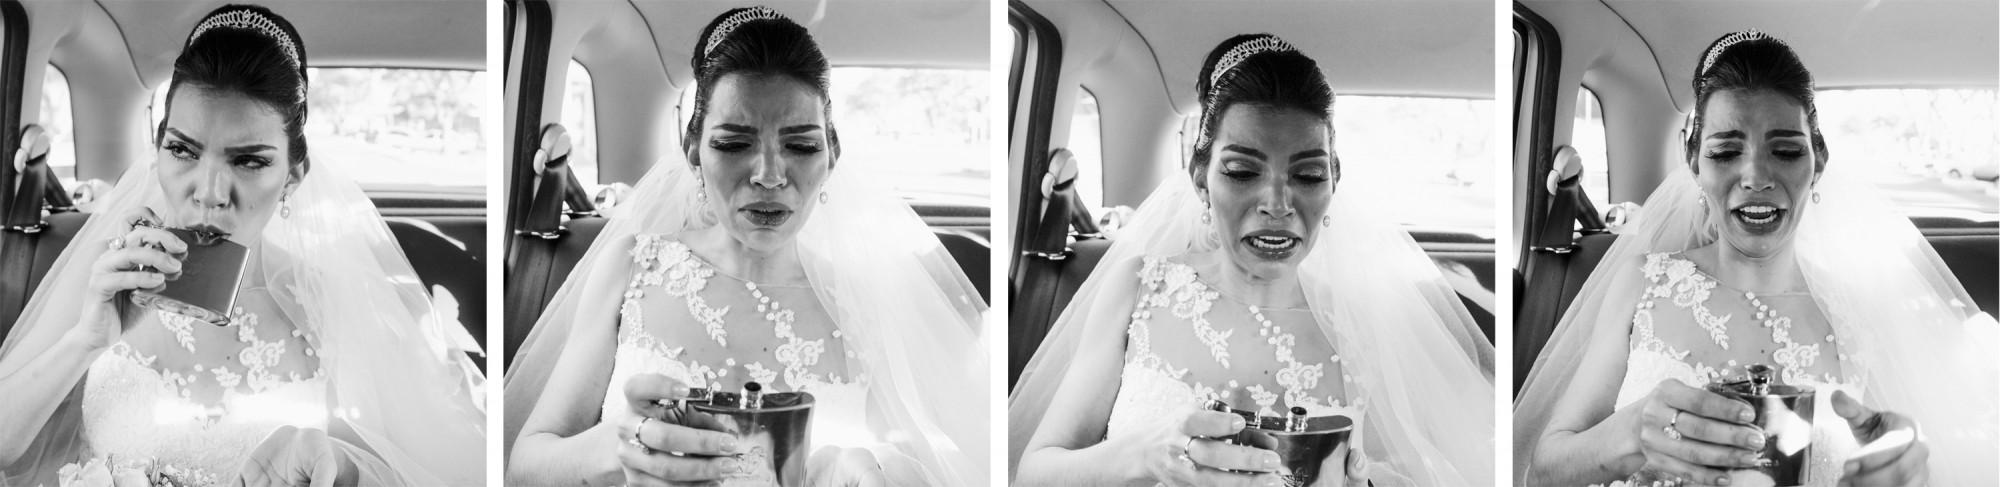 Casamento Camila Rampim e Rafael em Terra Roxa - Paraná - por Lorran Souza e Léia Sotile - fotografos de casamentos - 16